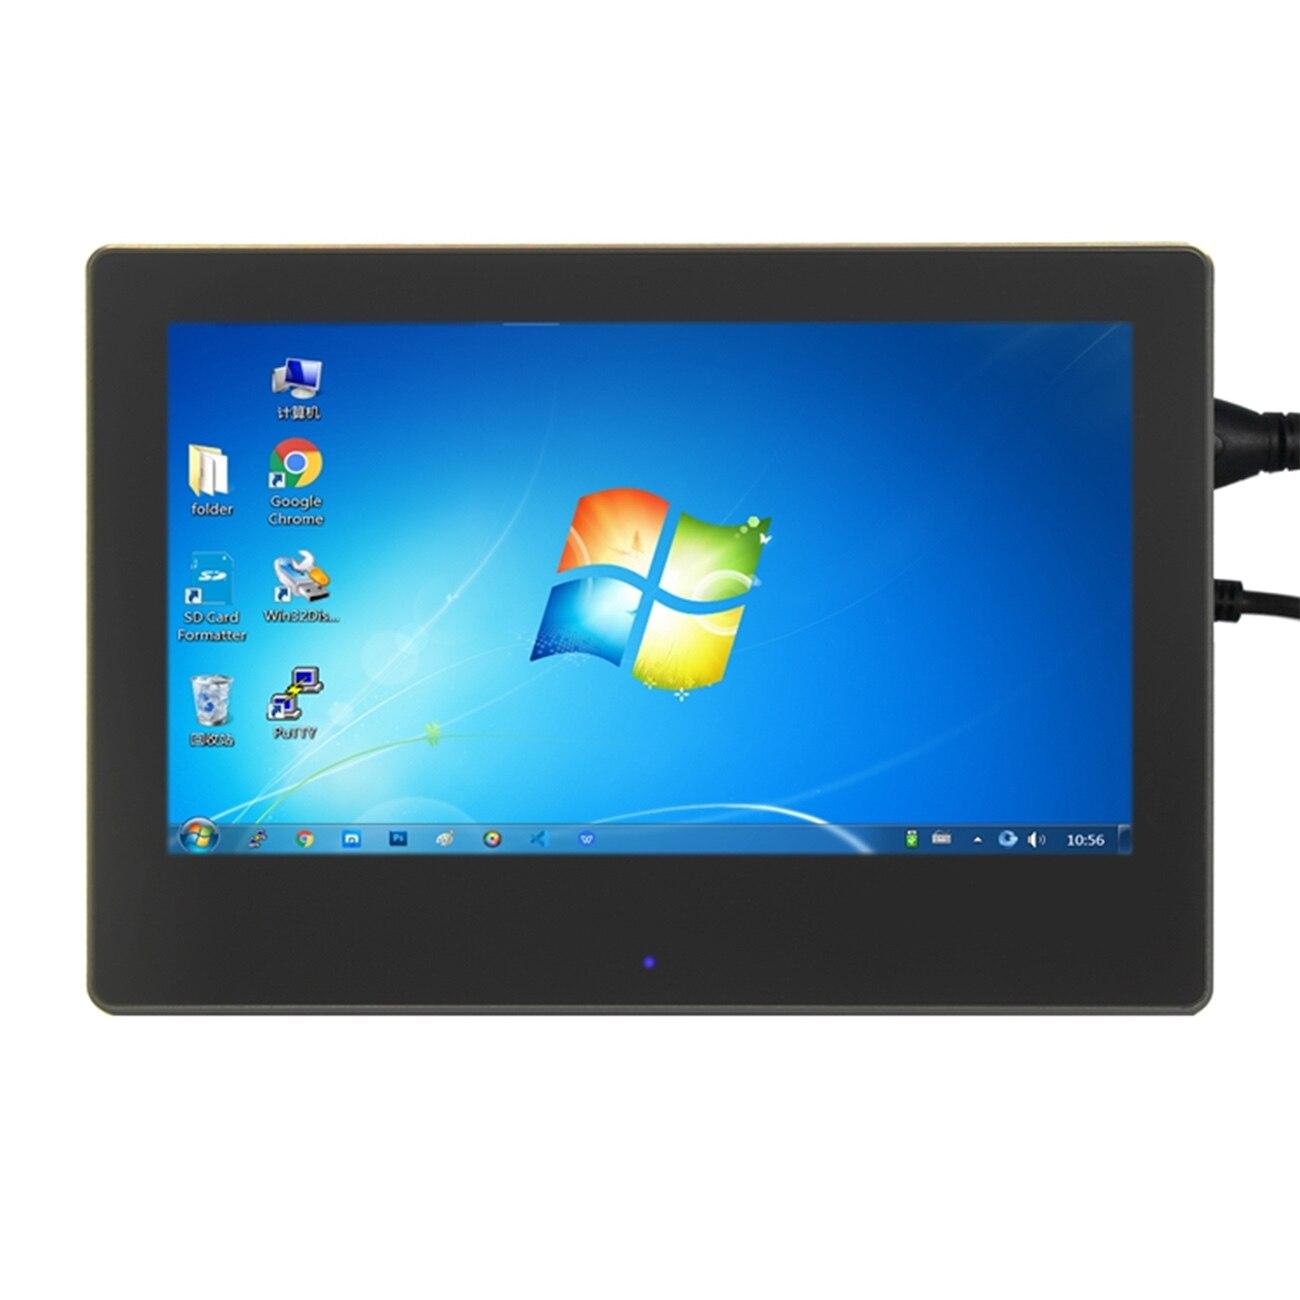 7 cal Raspberry Pi 3 dotykowy ekran 1024*600 wyświetlacz LCD dla Raspberry Pi 3 Model B interfejs hdmi wyświetlacz tft